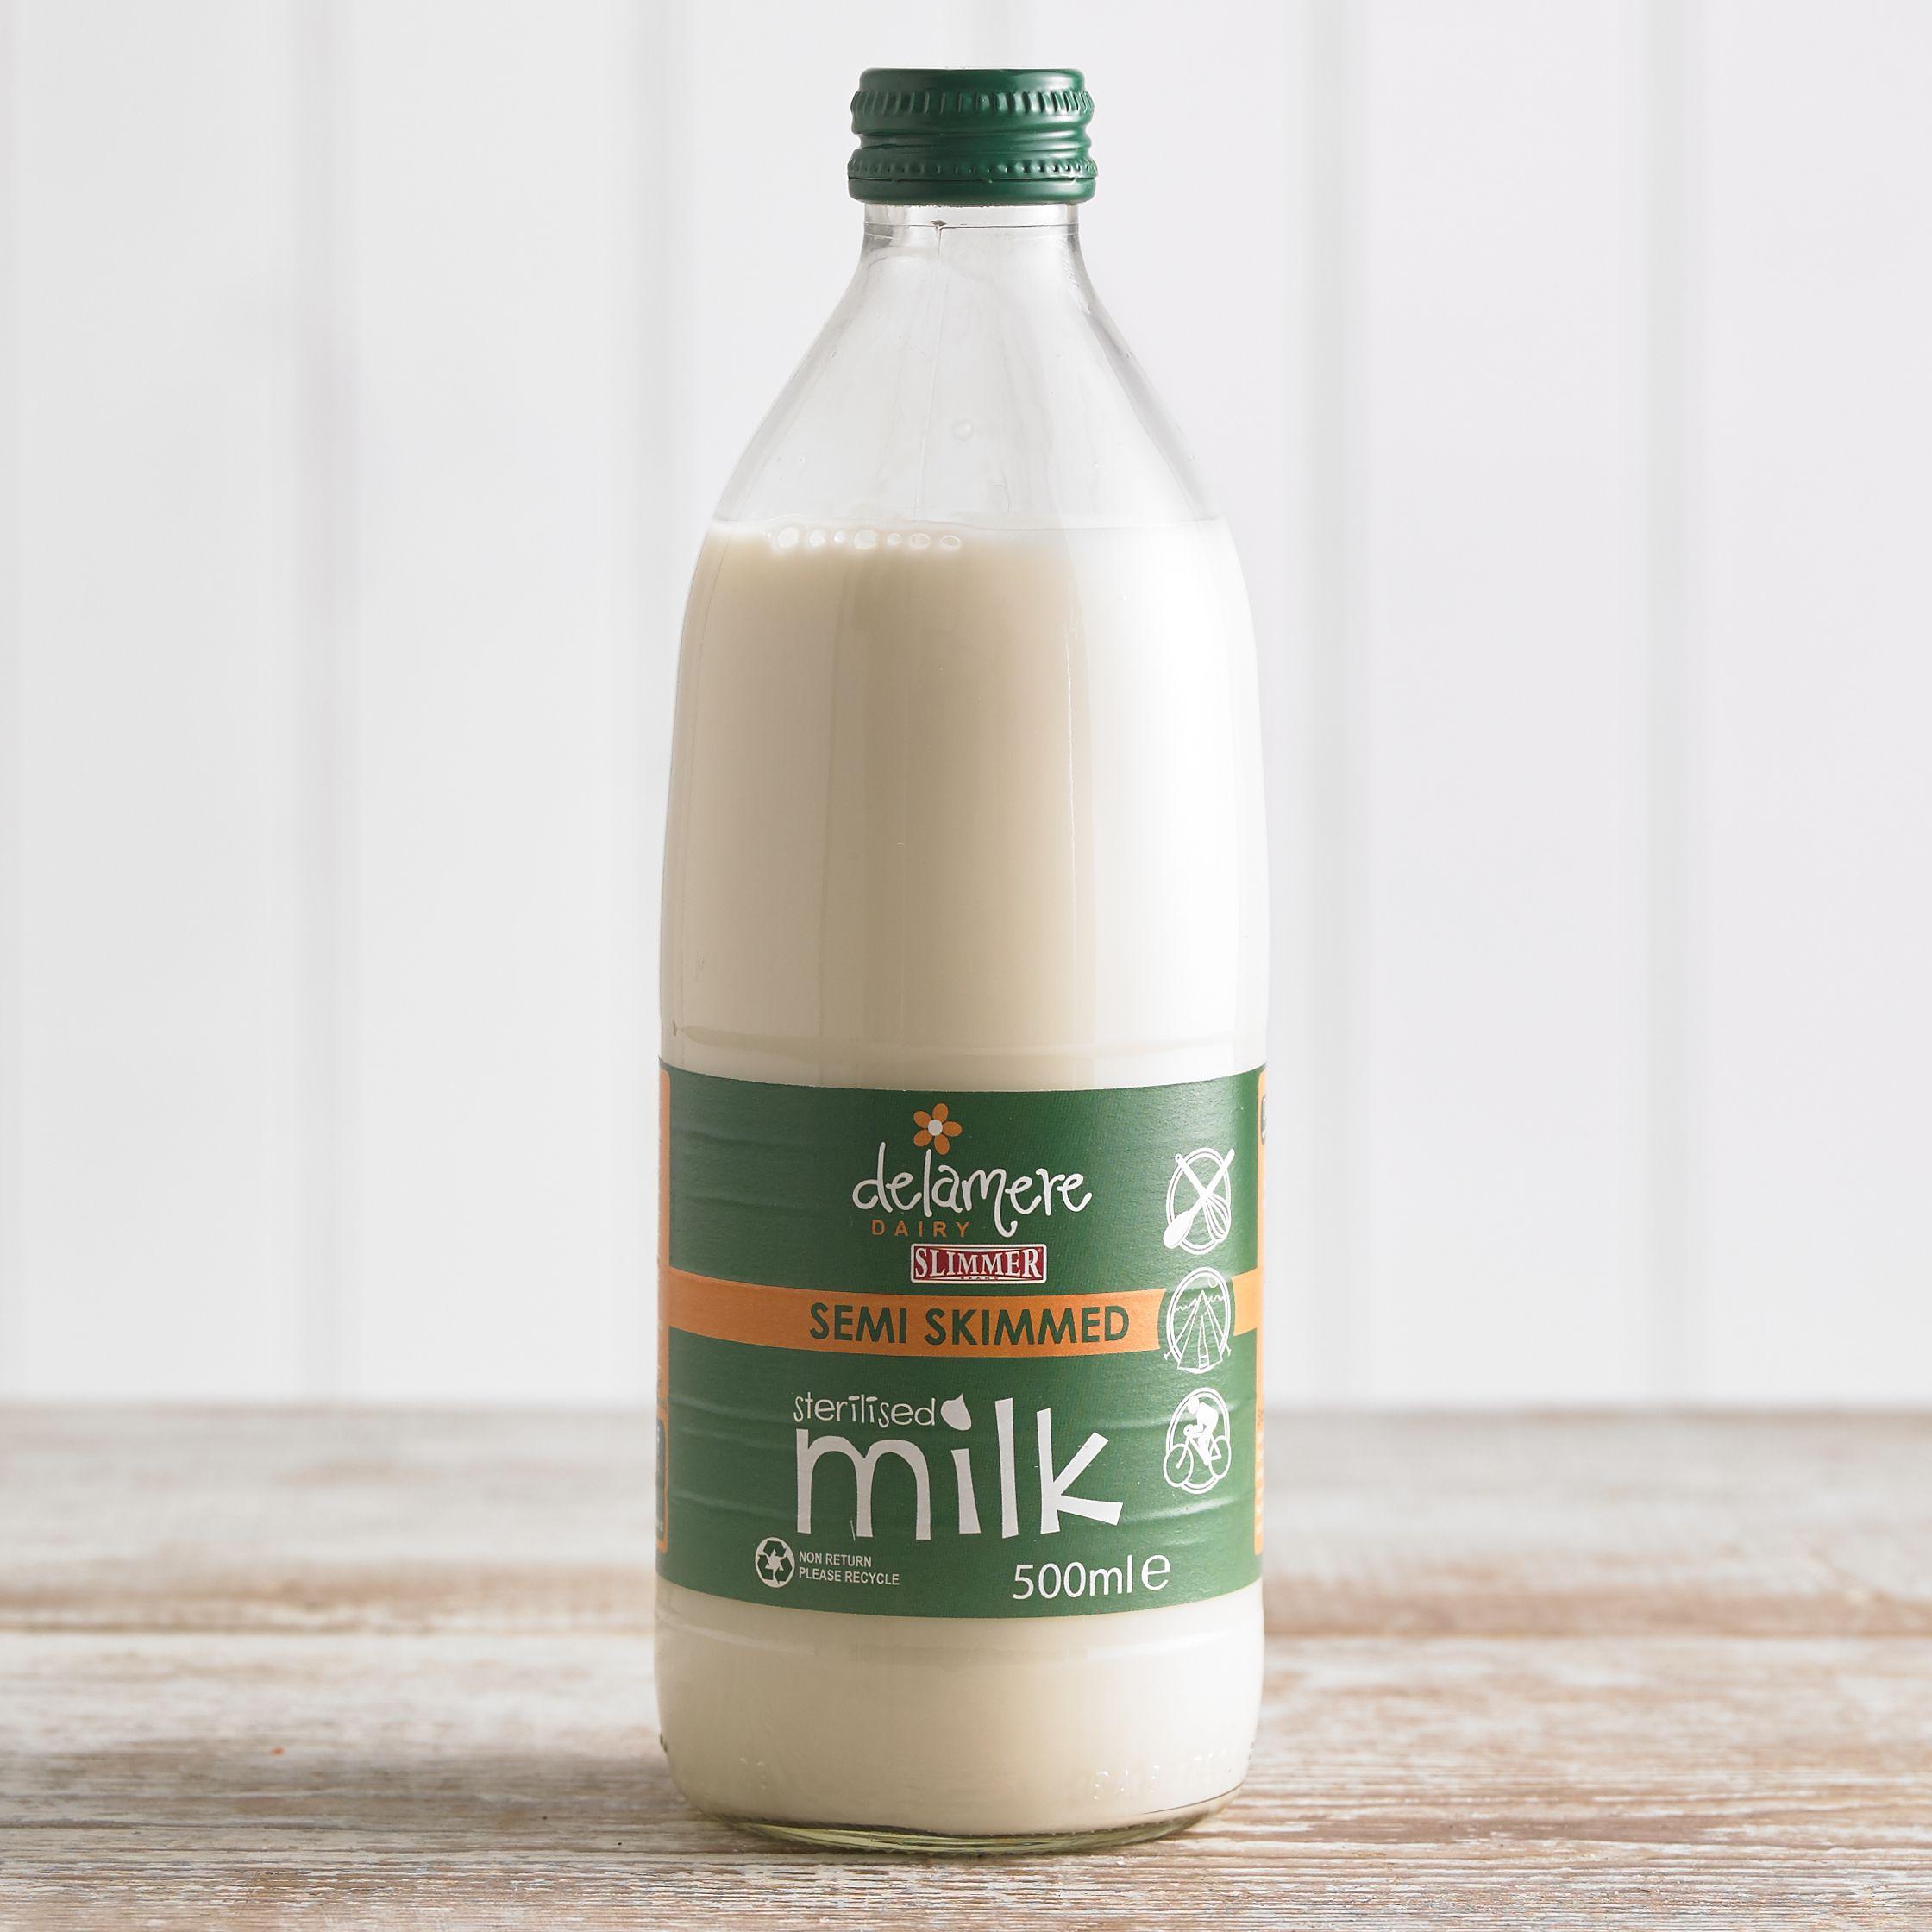 Delamere Sterilised Semi Skimmed Milk, 500ml